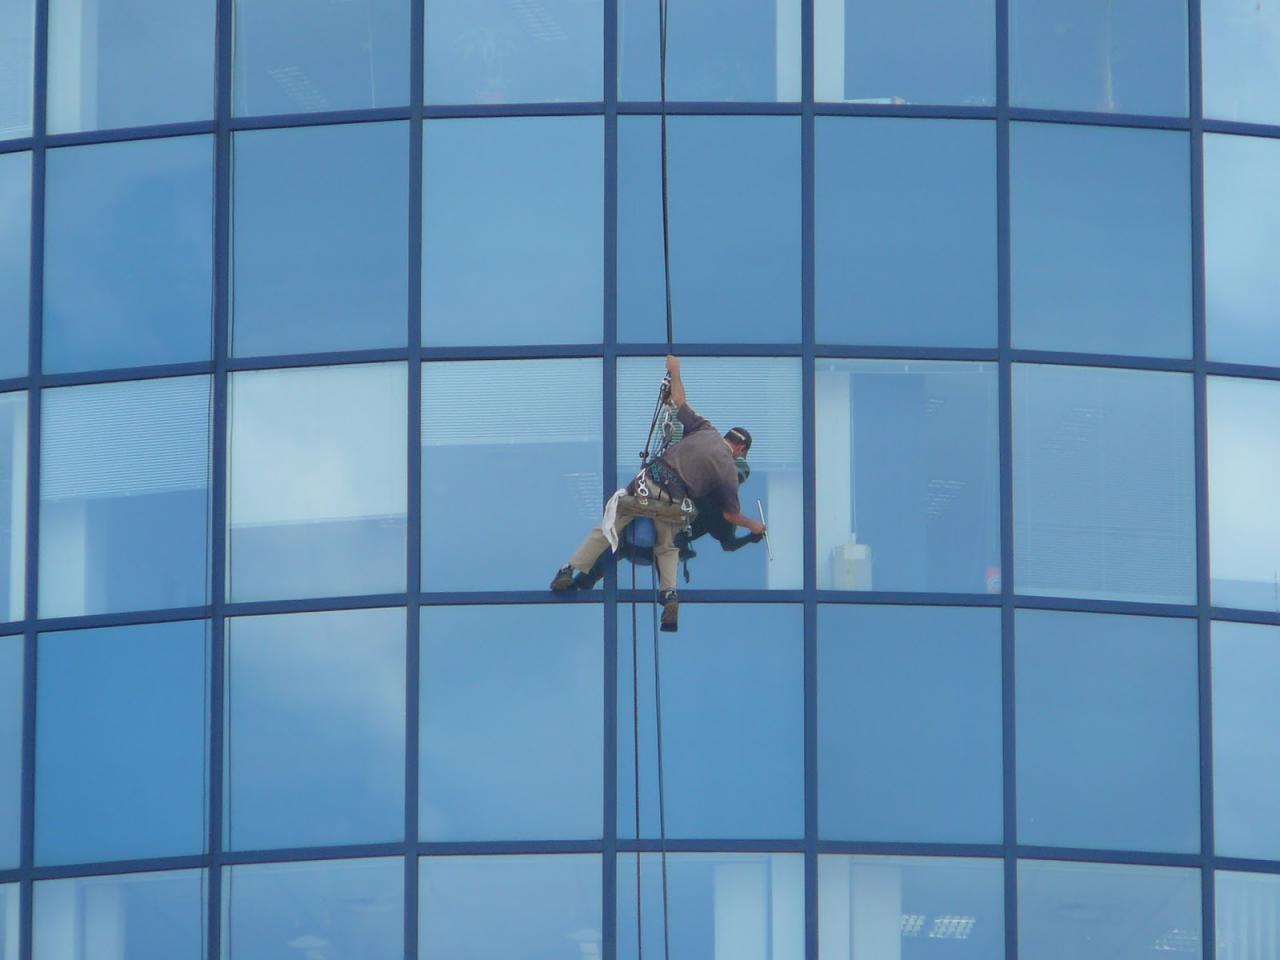 بالصور شركة تنظيف واجهات زجاج بالرياض , مهام شركات تنظيف الزجاج المتعدده 2545 2